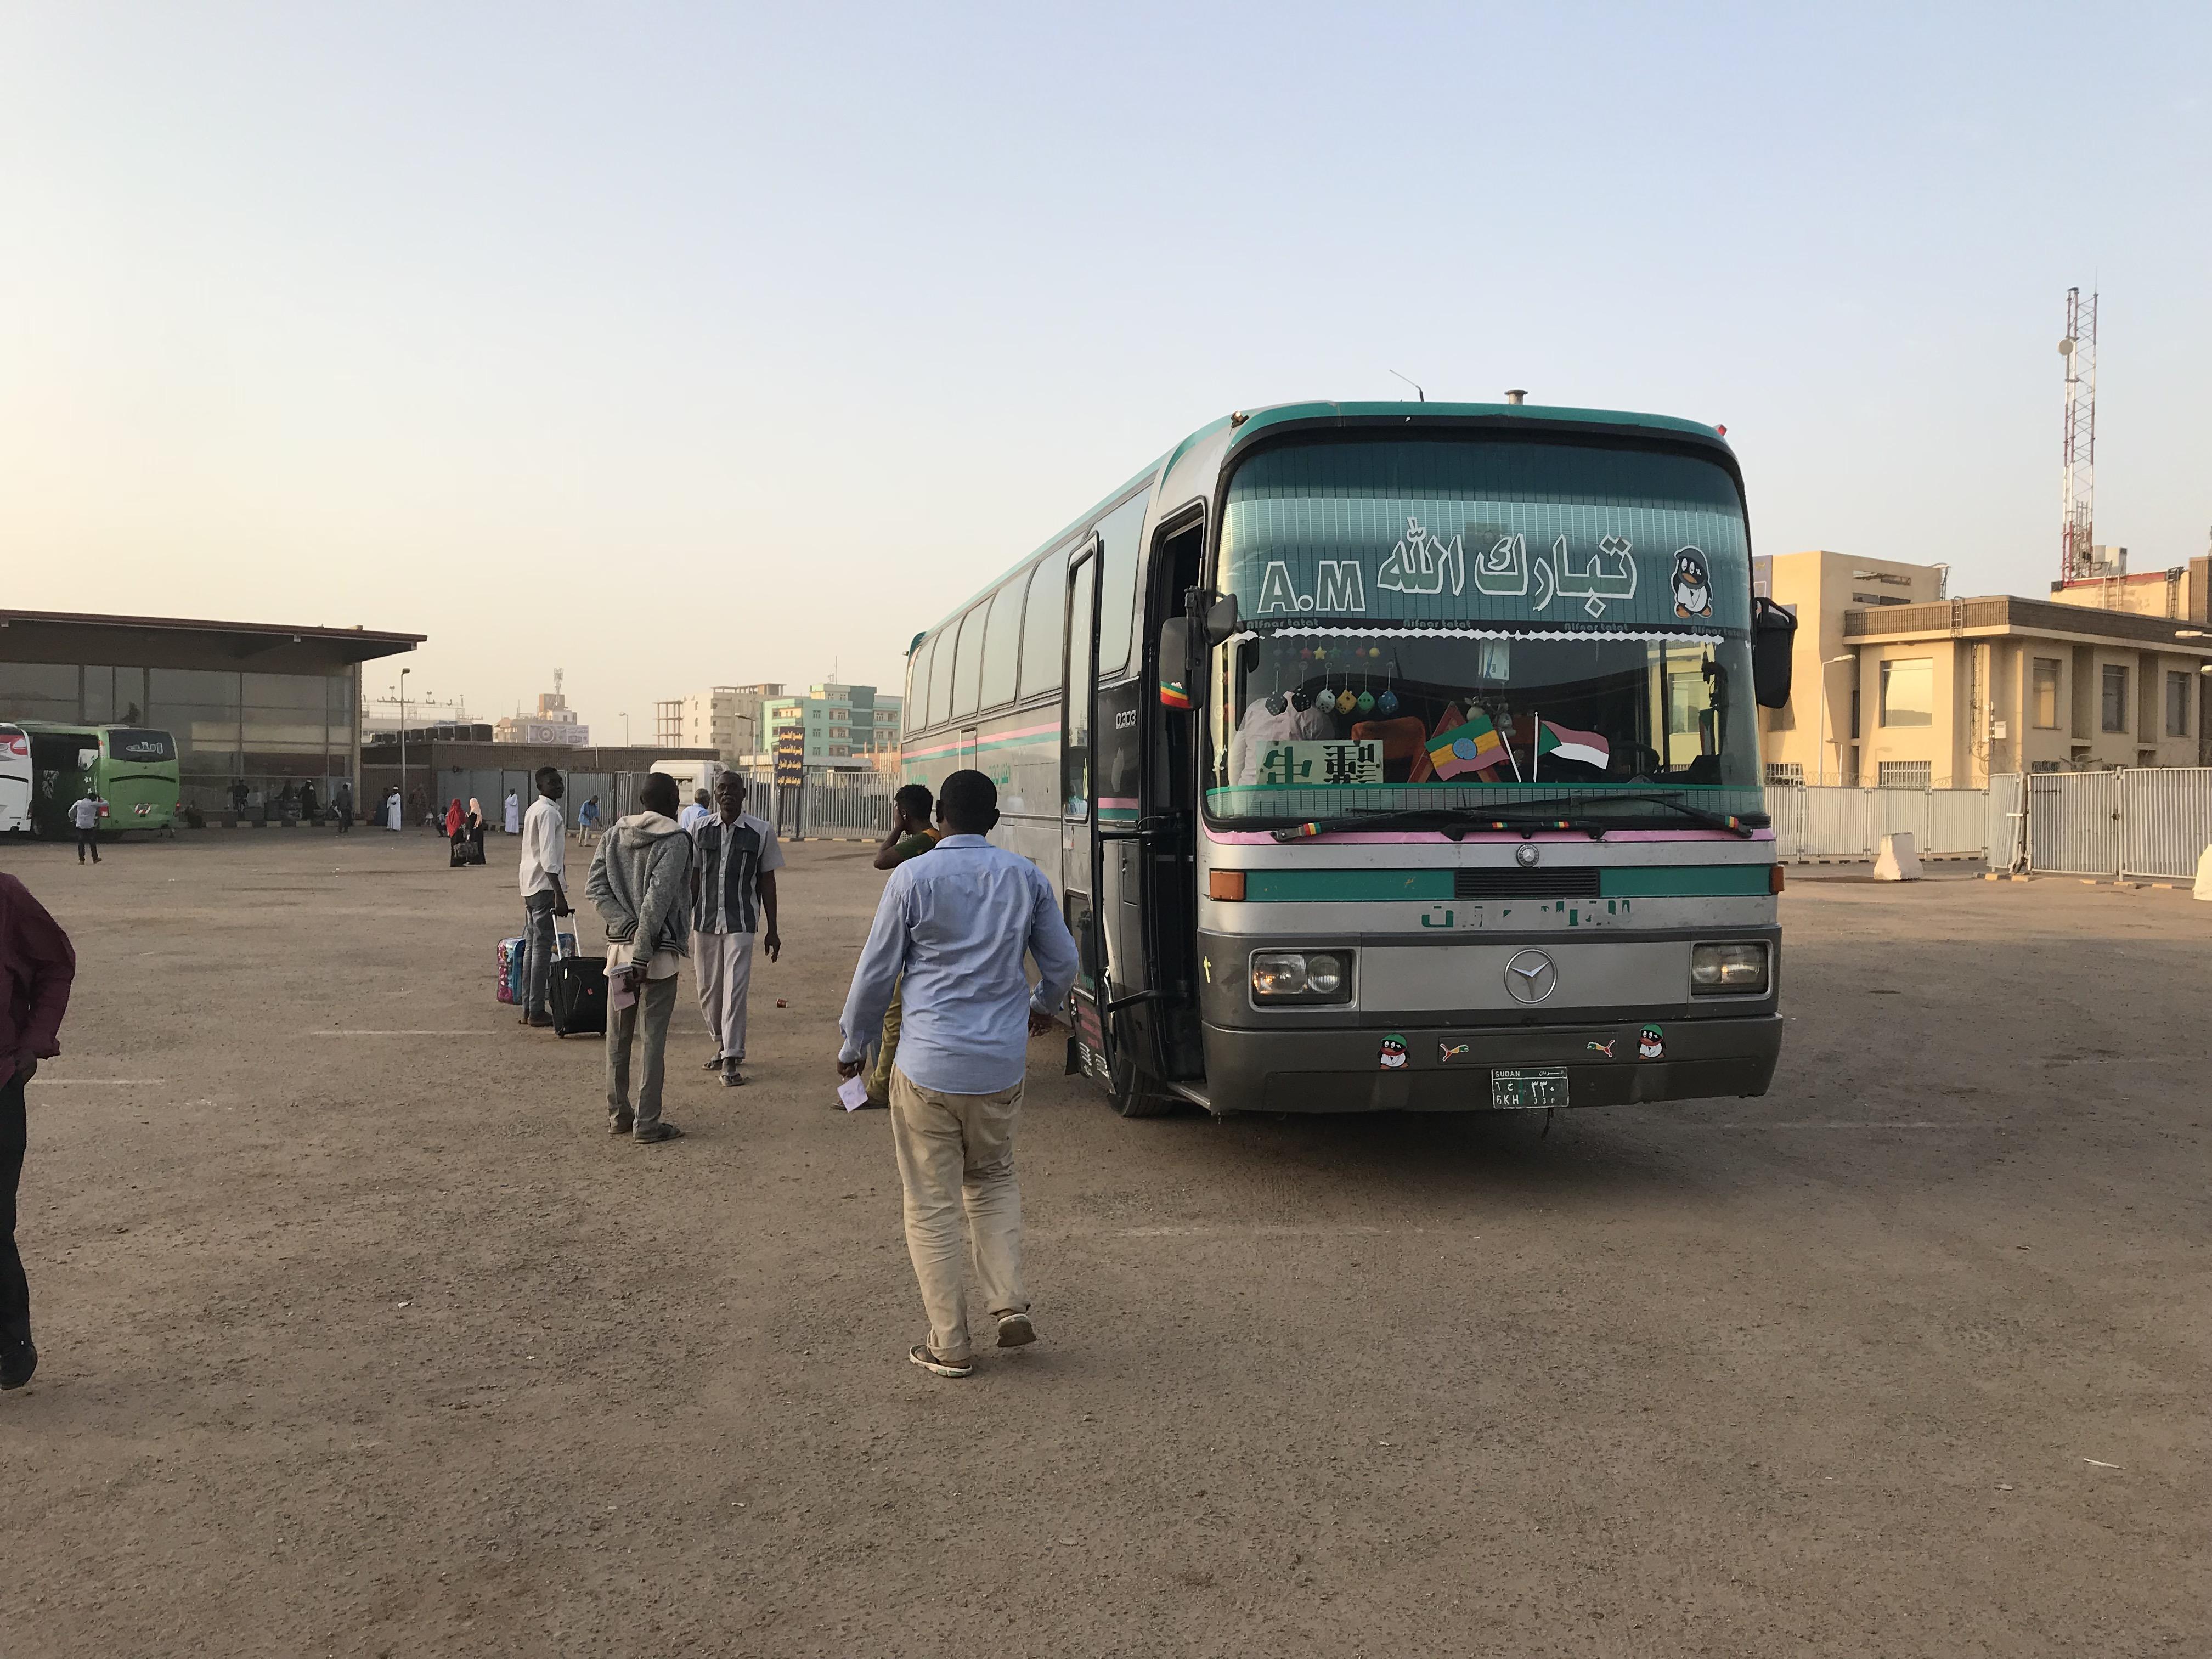 スーダンからエチオピアバス